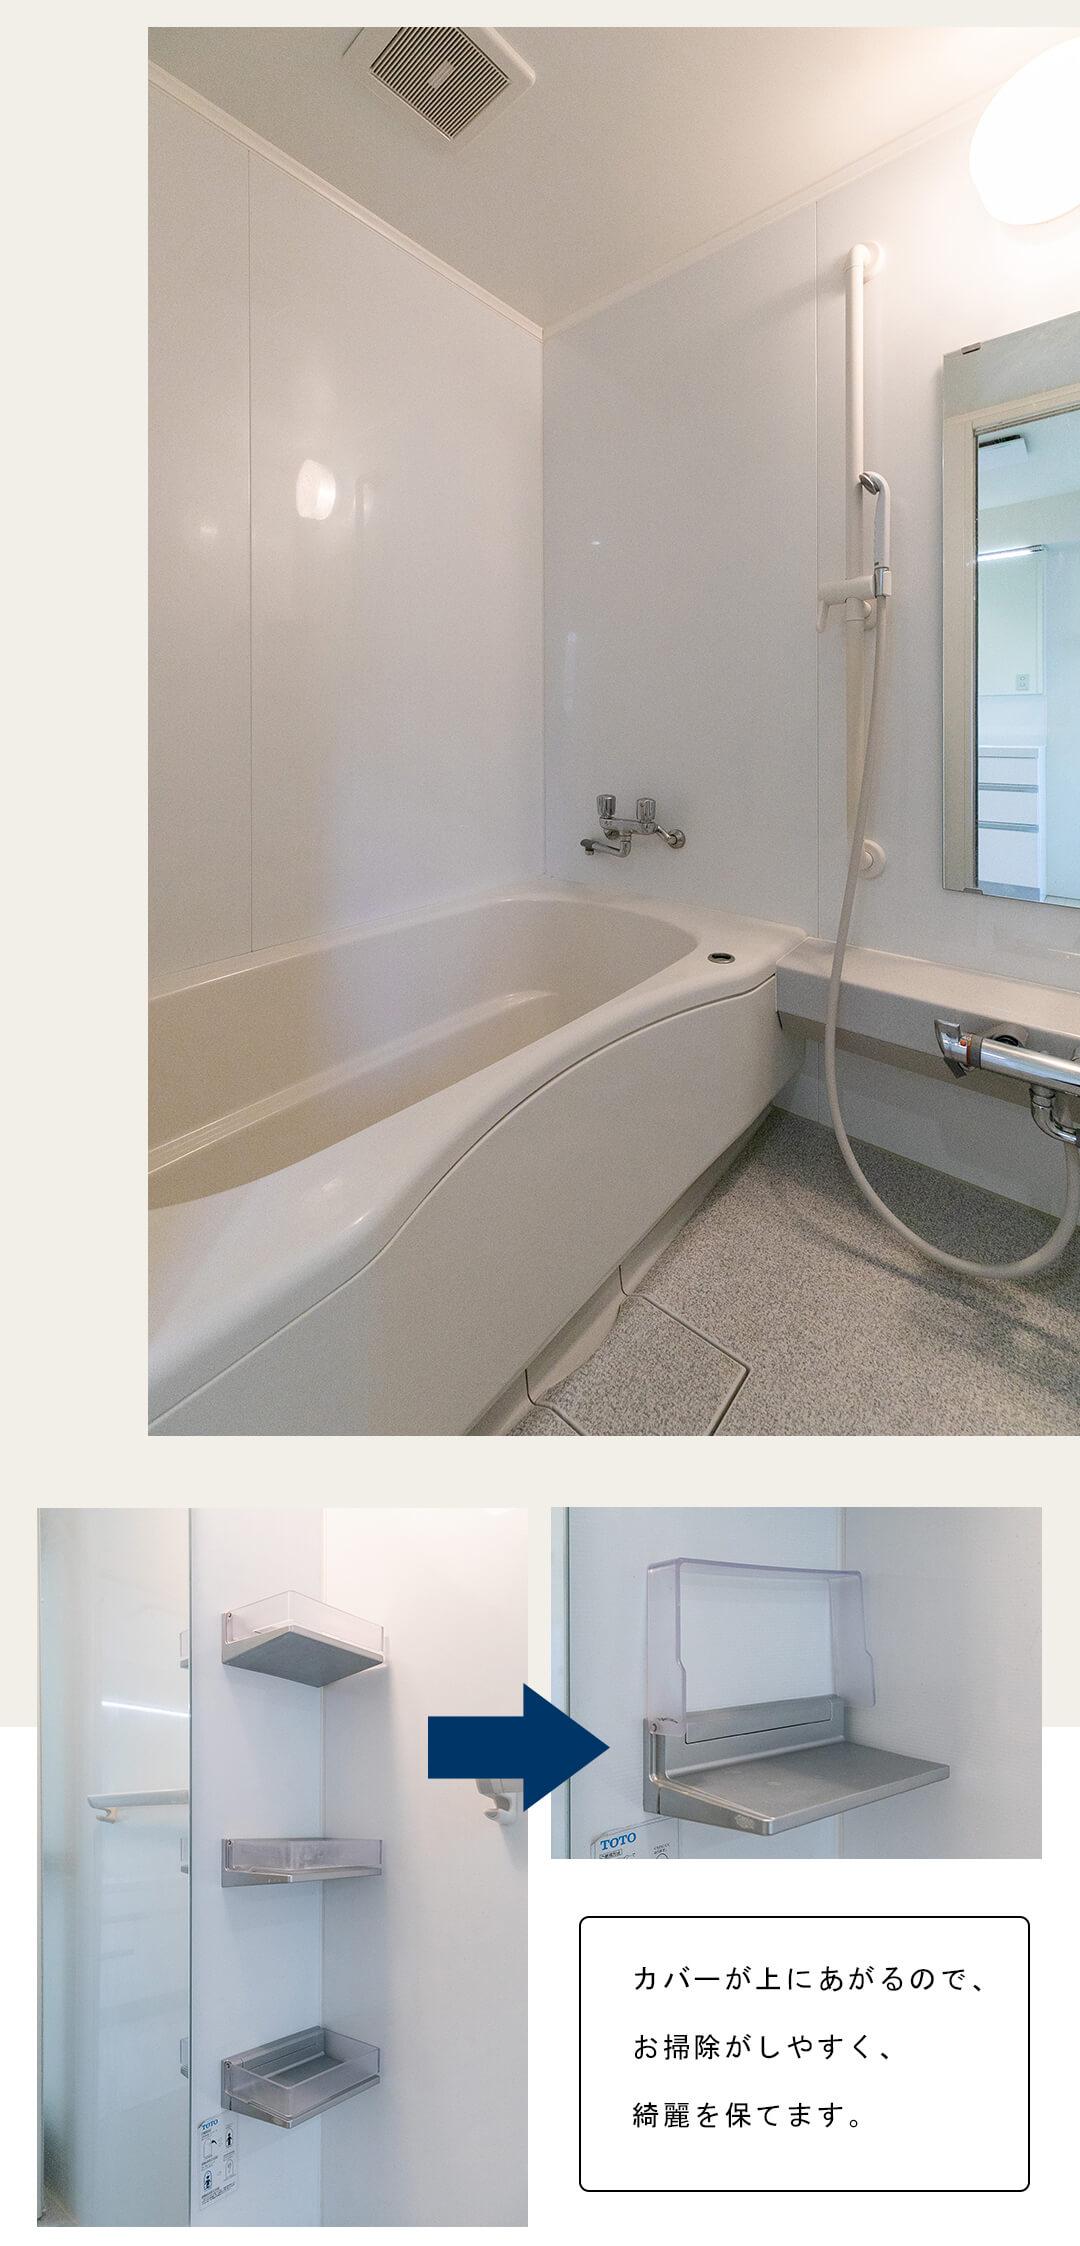 ワンマウンツ青山 302のワンマウンツ青山 302の浴室